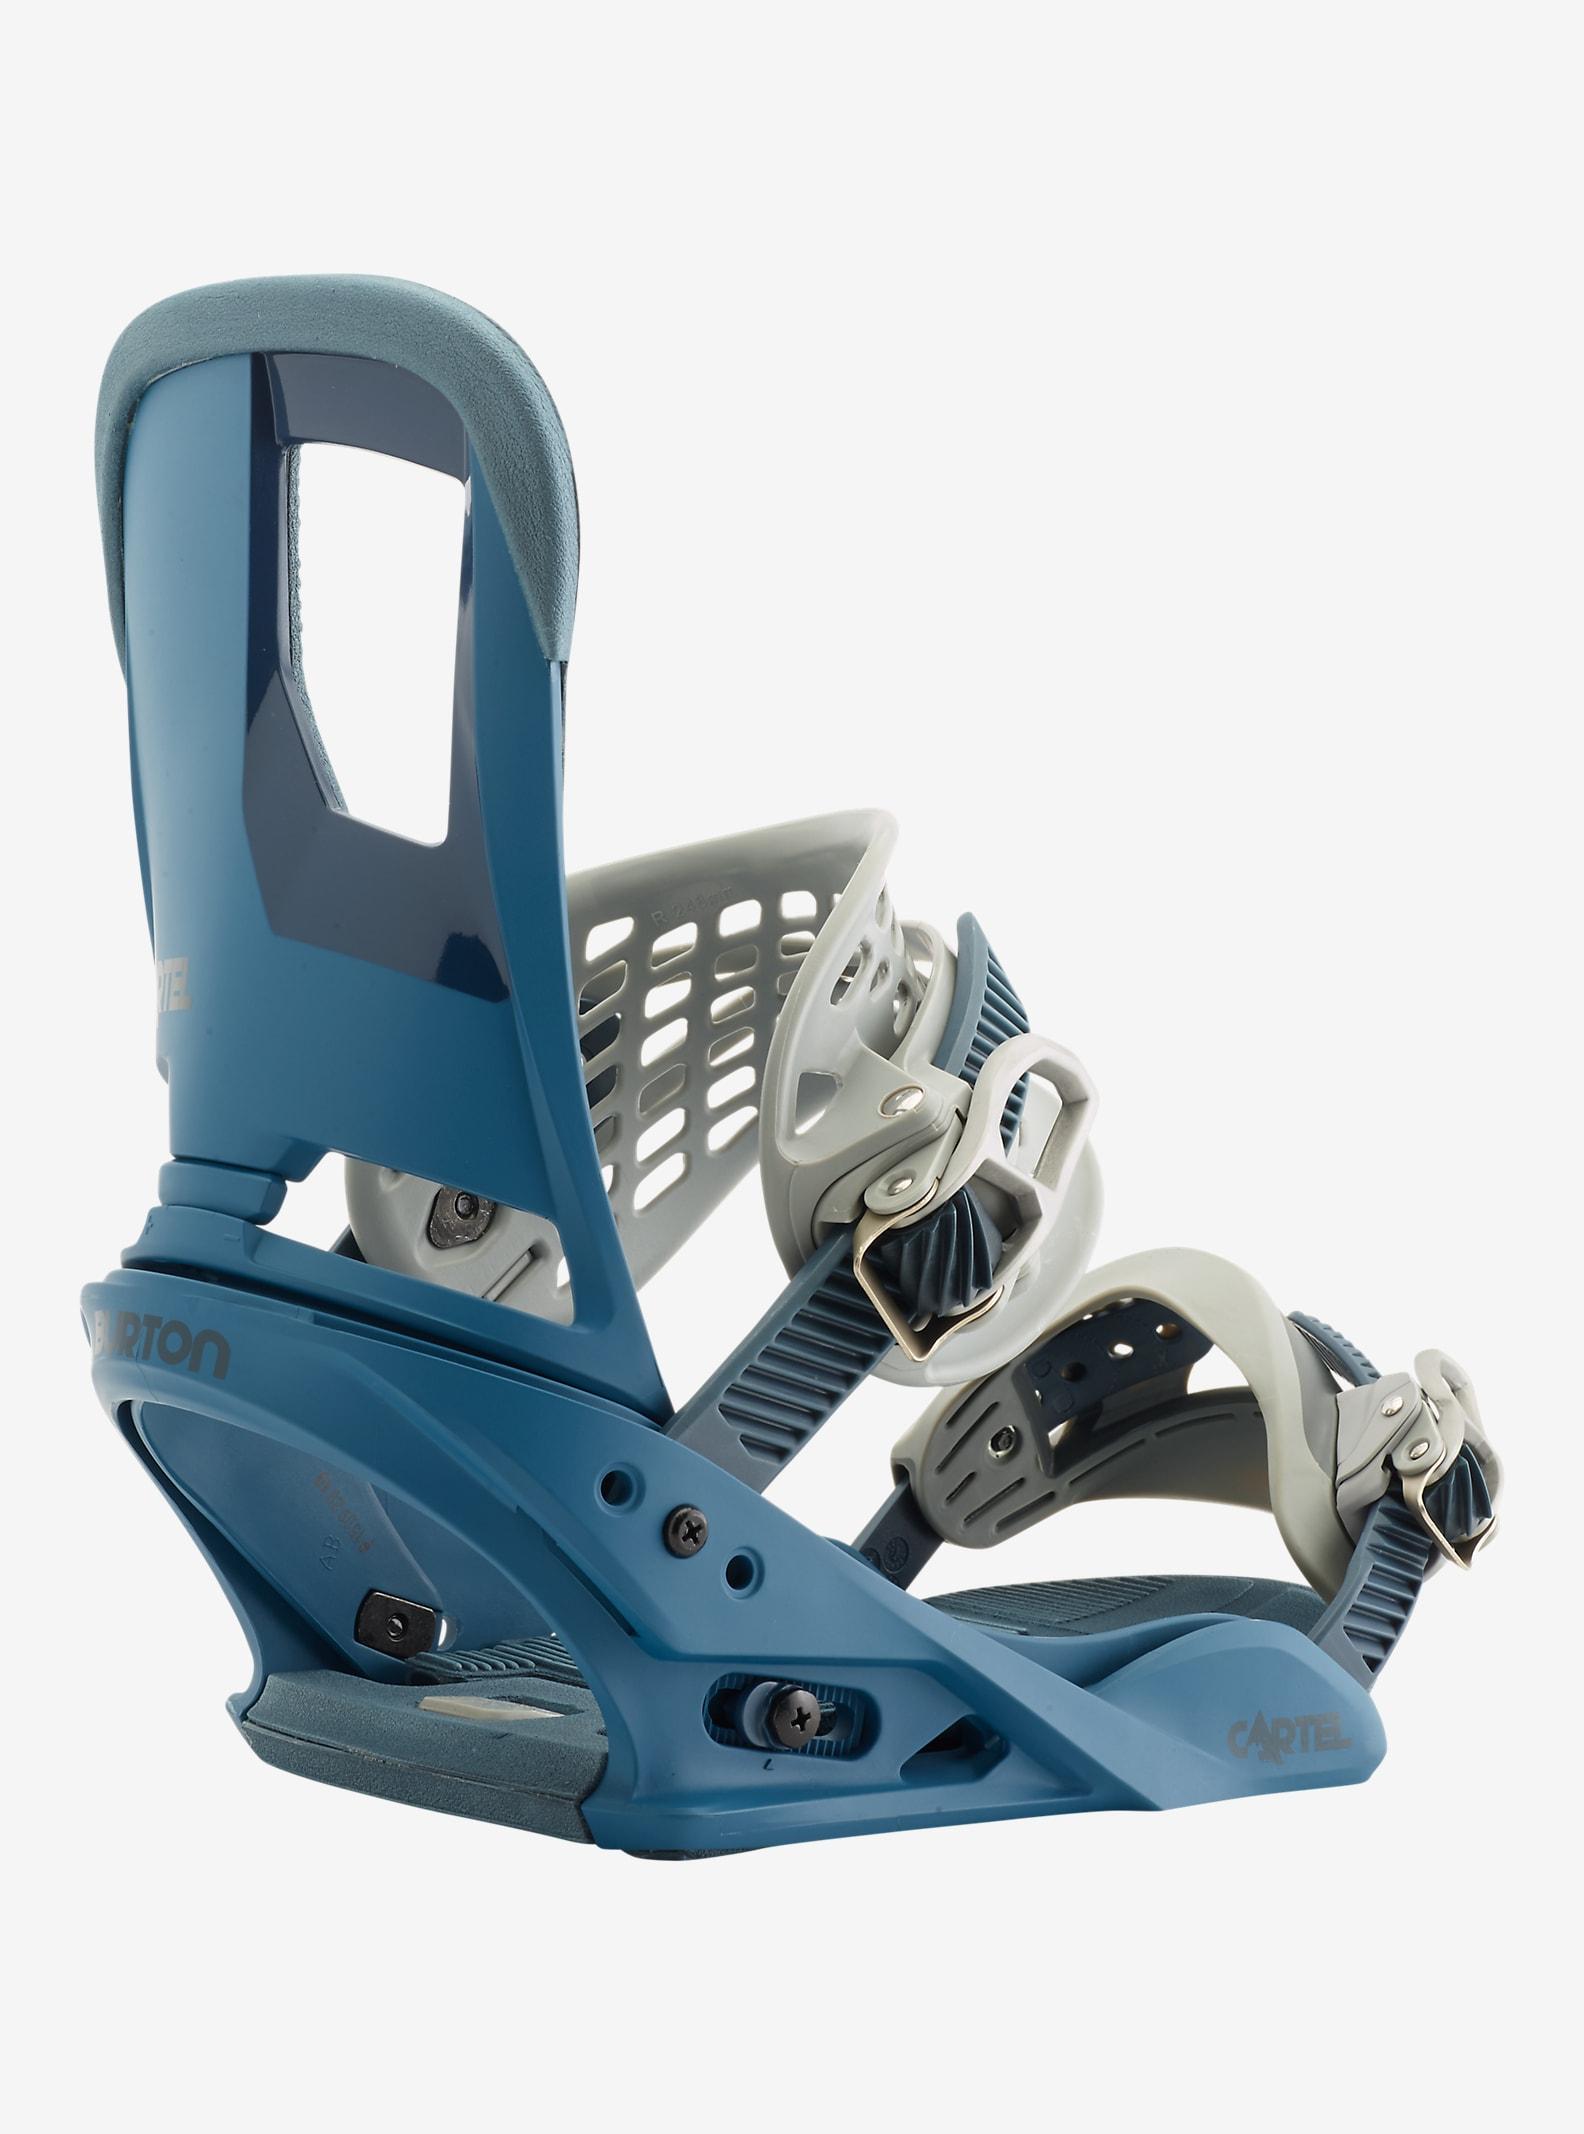 Burton - Fixation pour snowboard Cartel affichage en Steel Blue